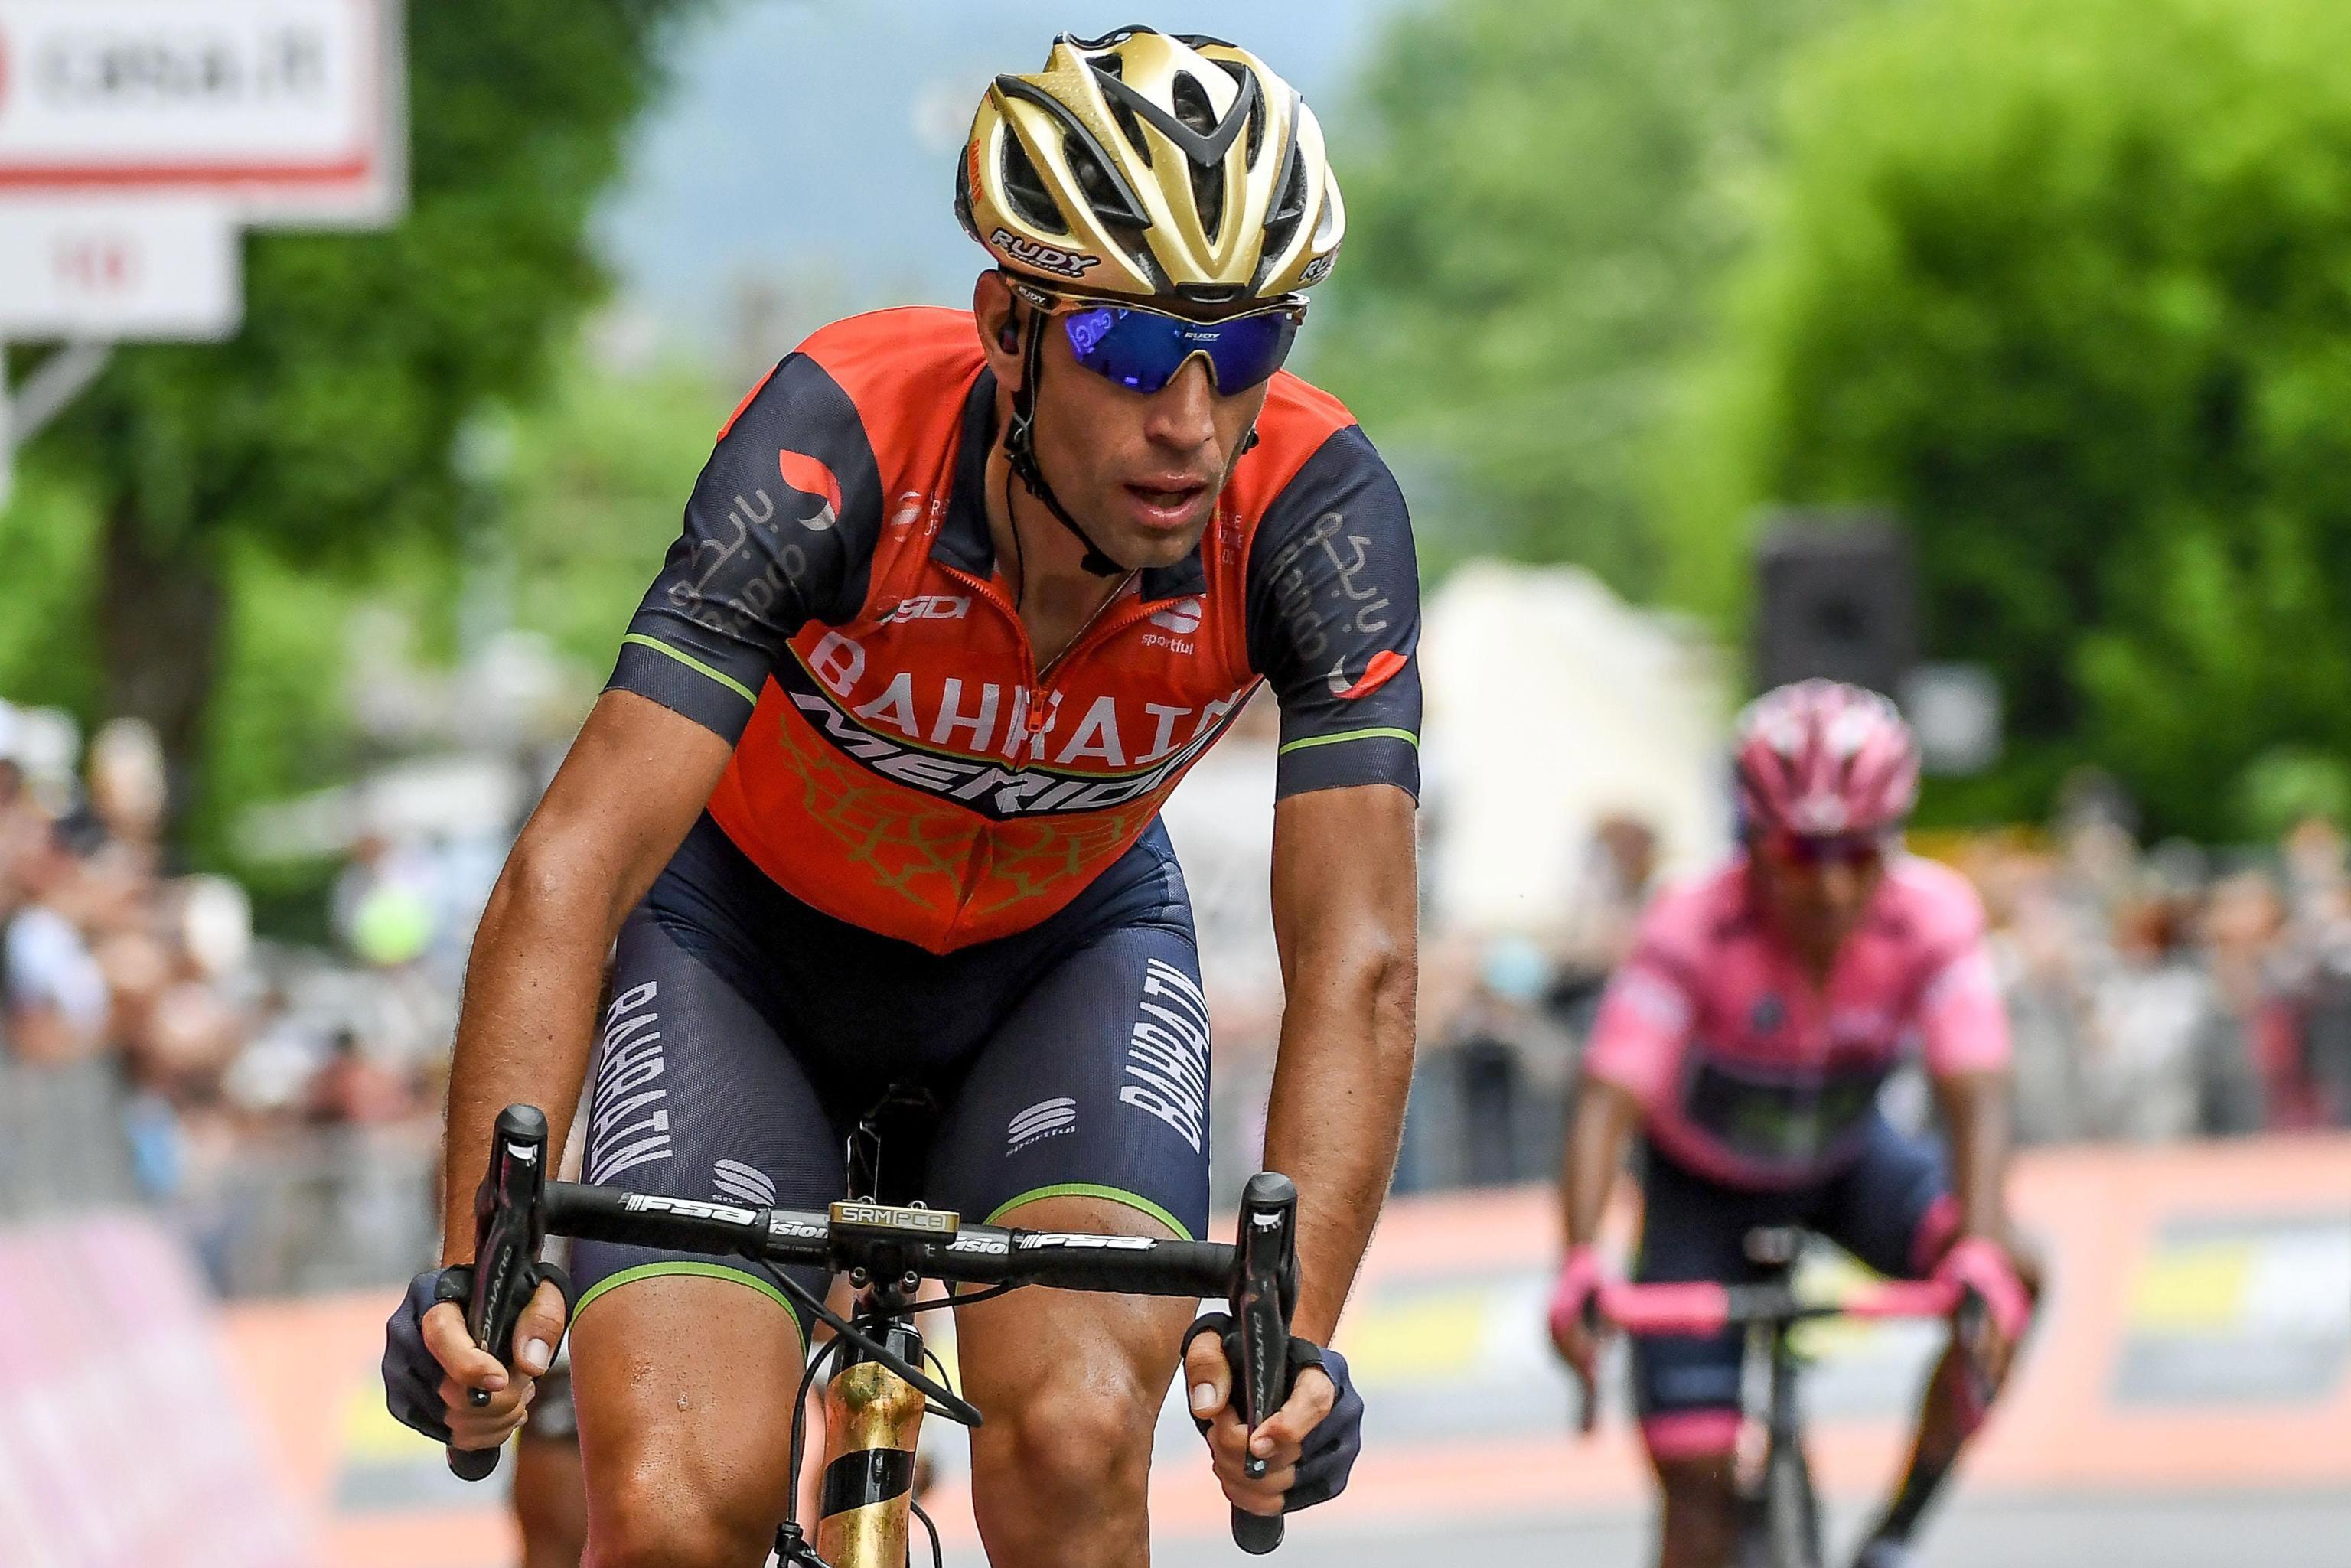 Nibali vence terceira etapa da Volta a Espanha, Froome é o novo líder